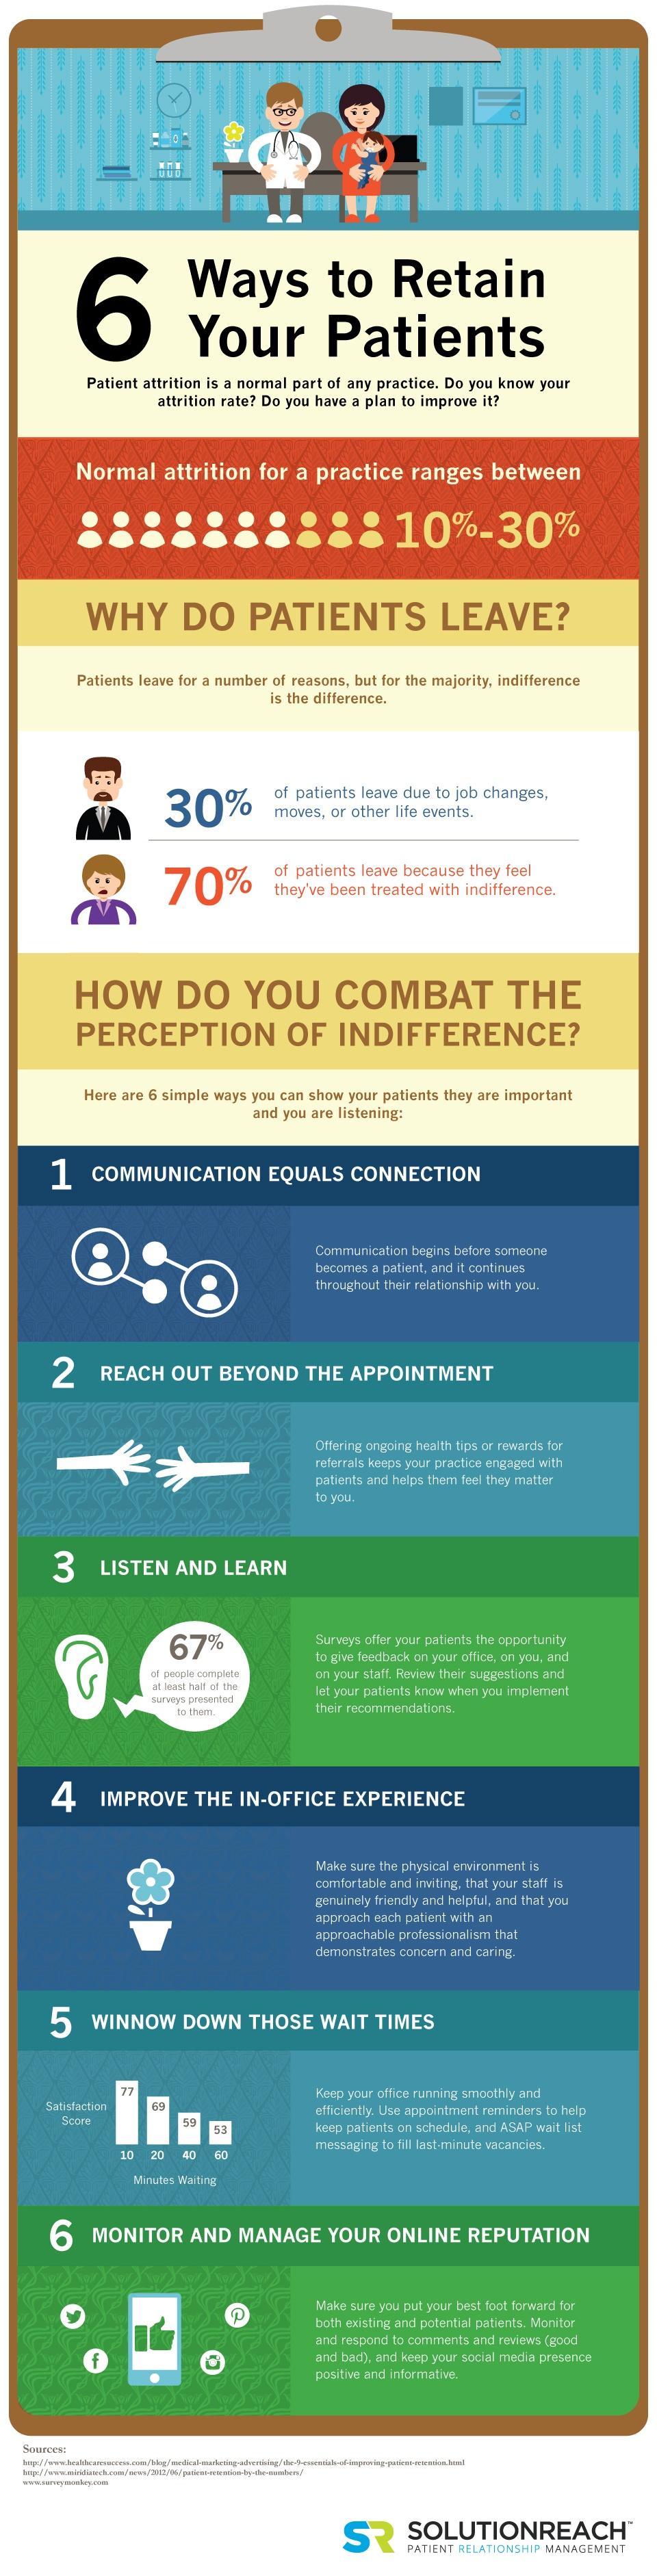 6-ways-to-retain-your-patients.jpg